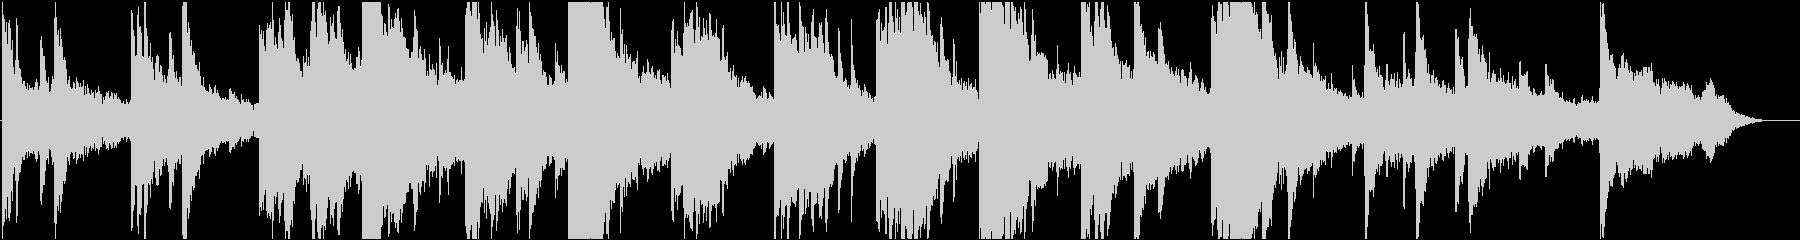 企業VP28 16bit44kHzVerの未再生の波形